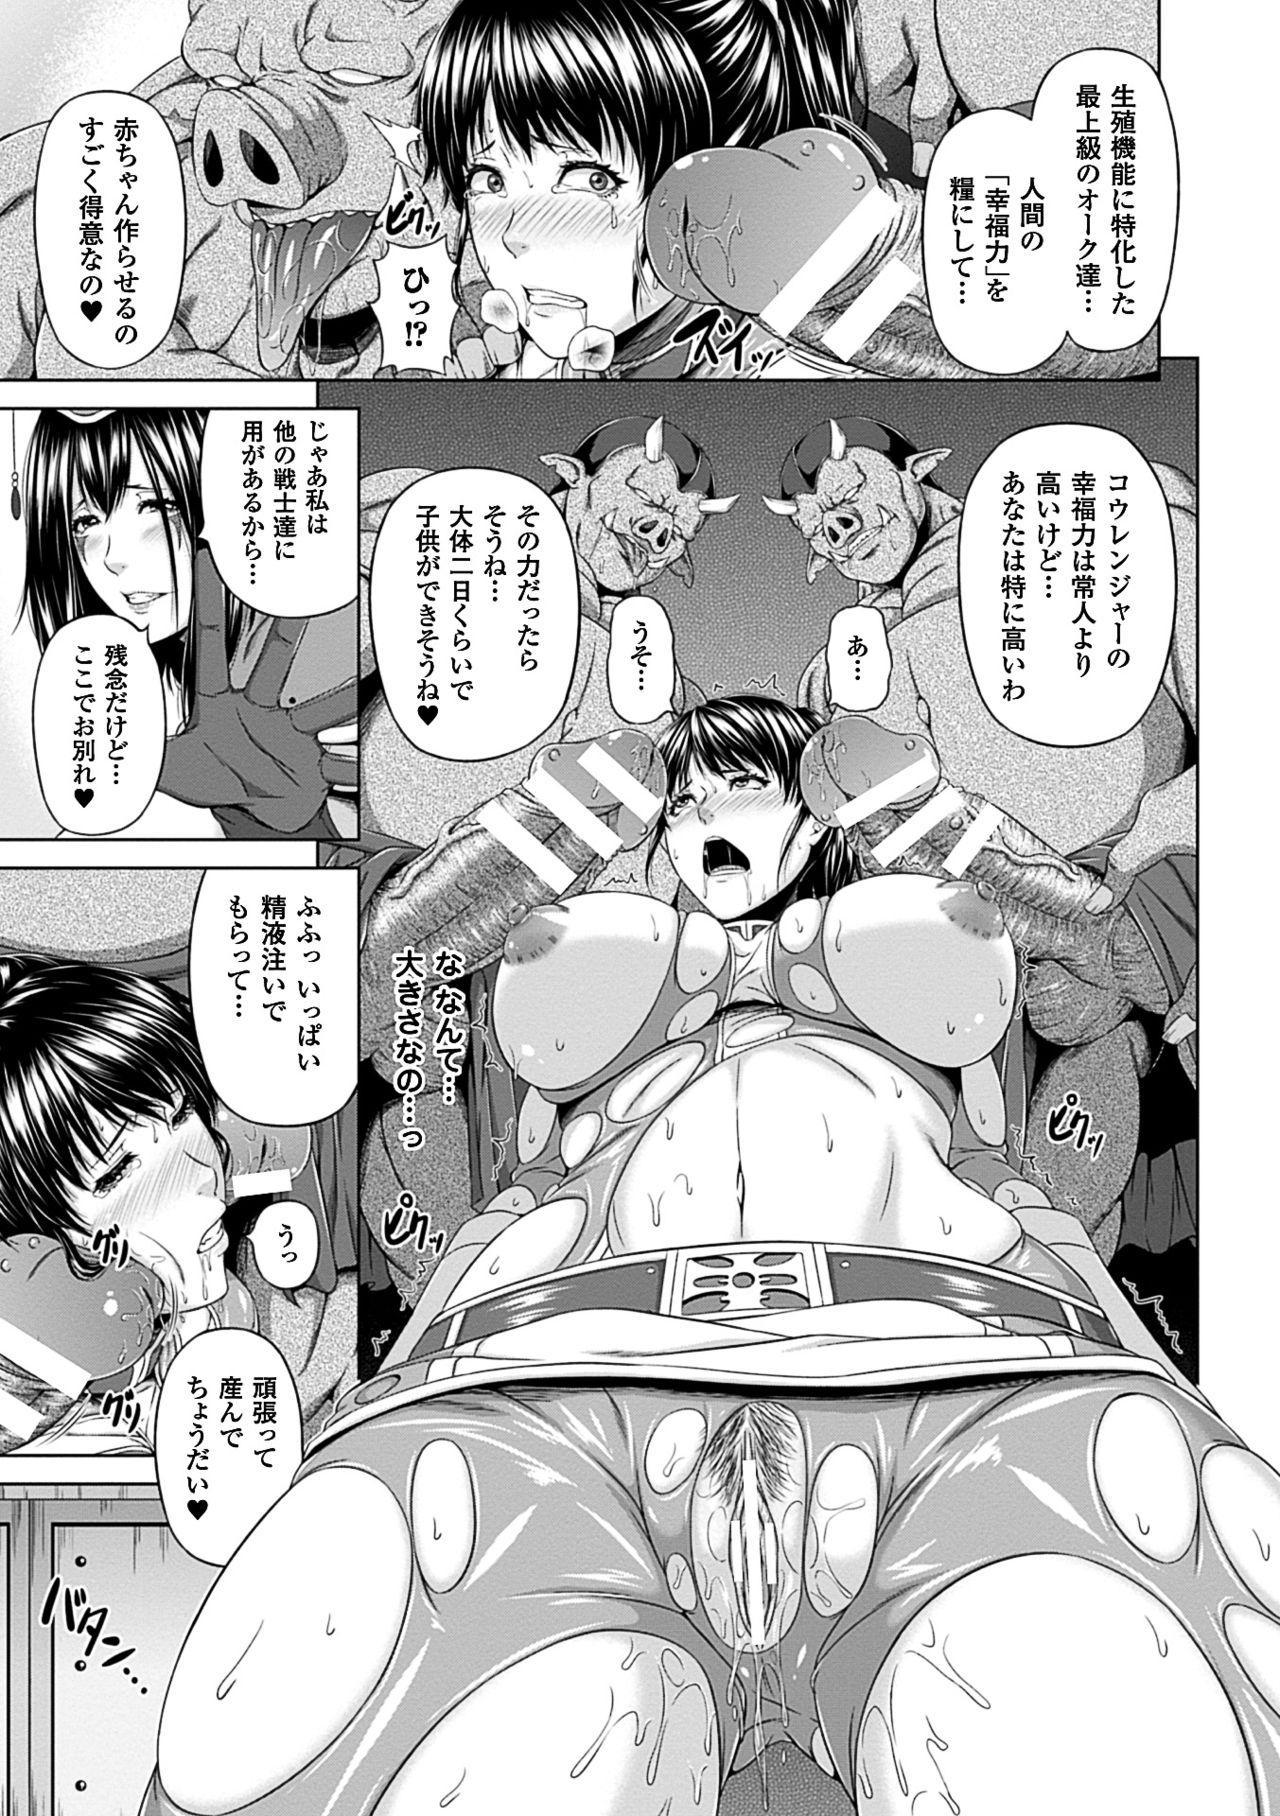 Mesu Hana ga Ochiru Toki - Maidenly Bloom Fallen 58